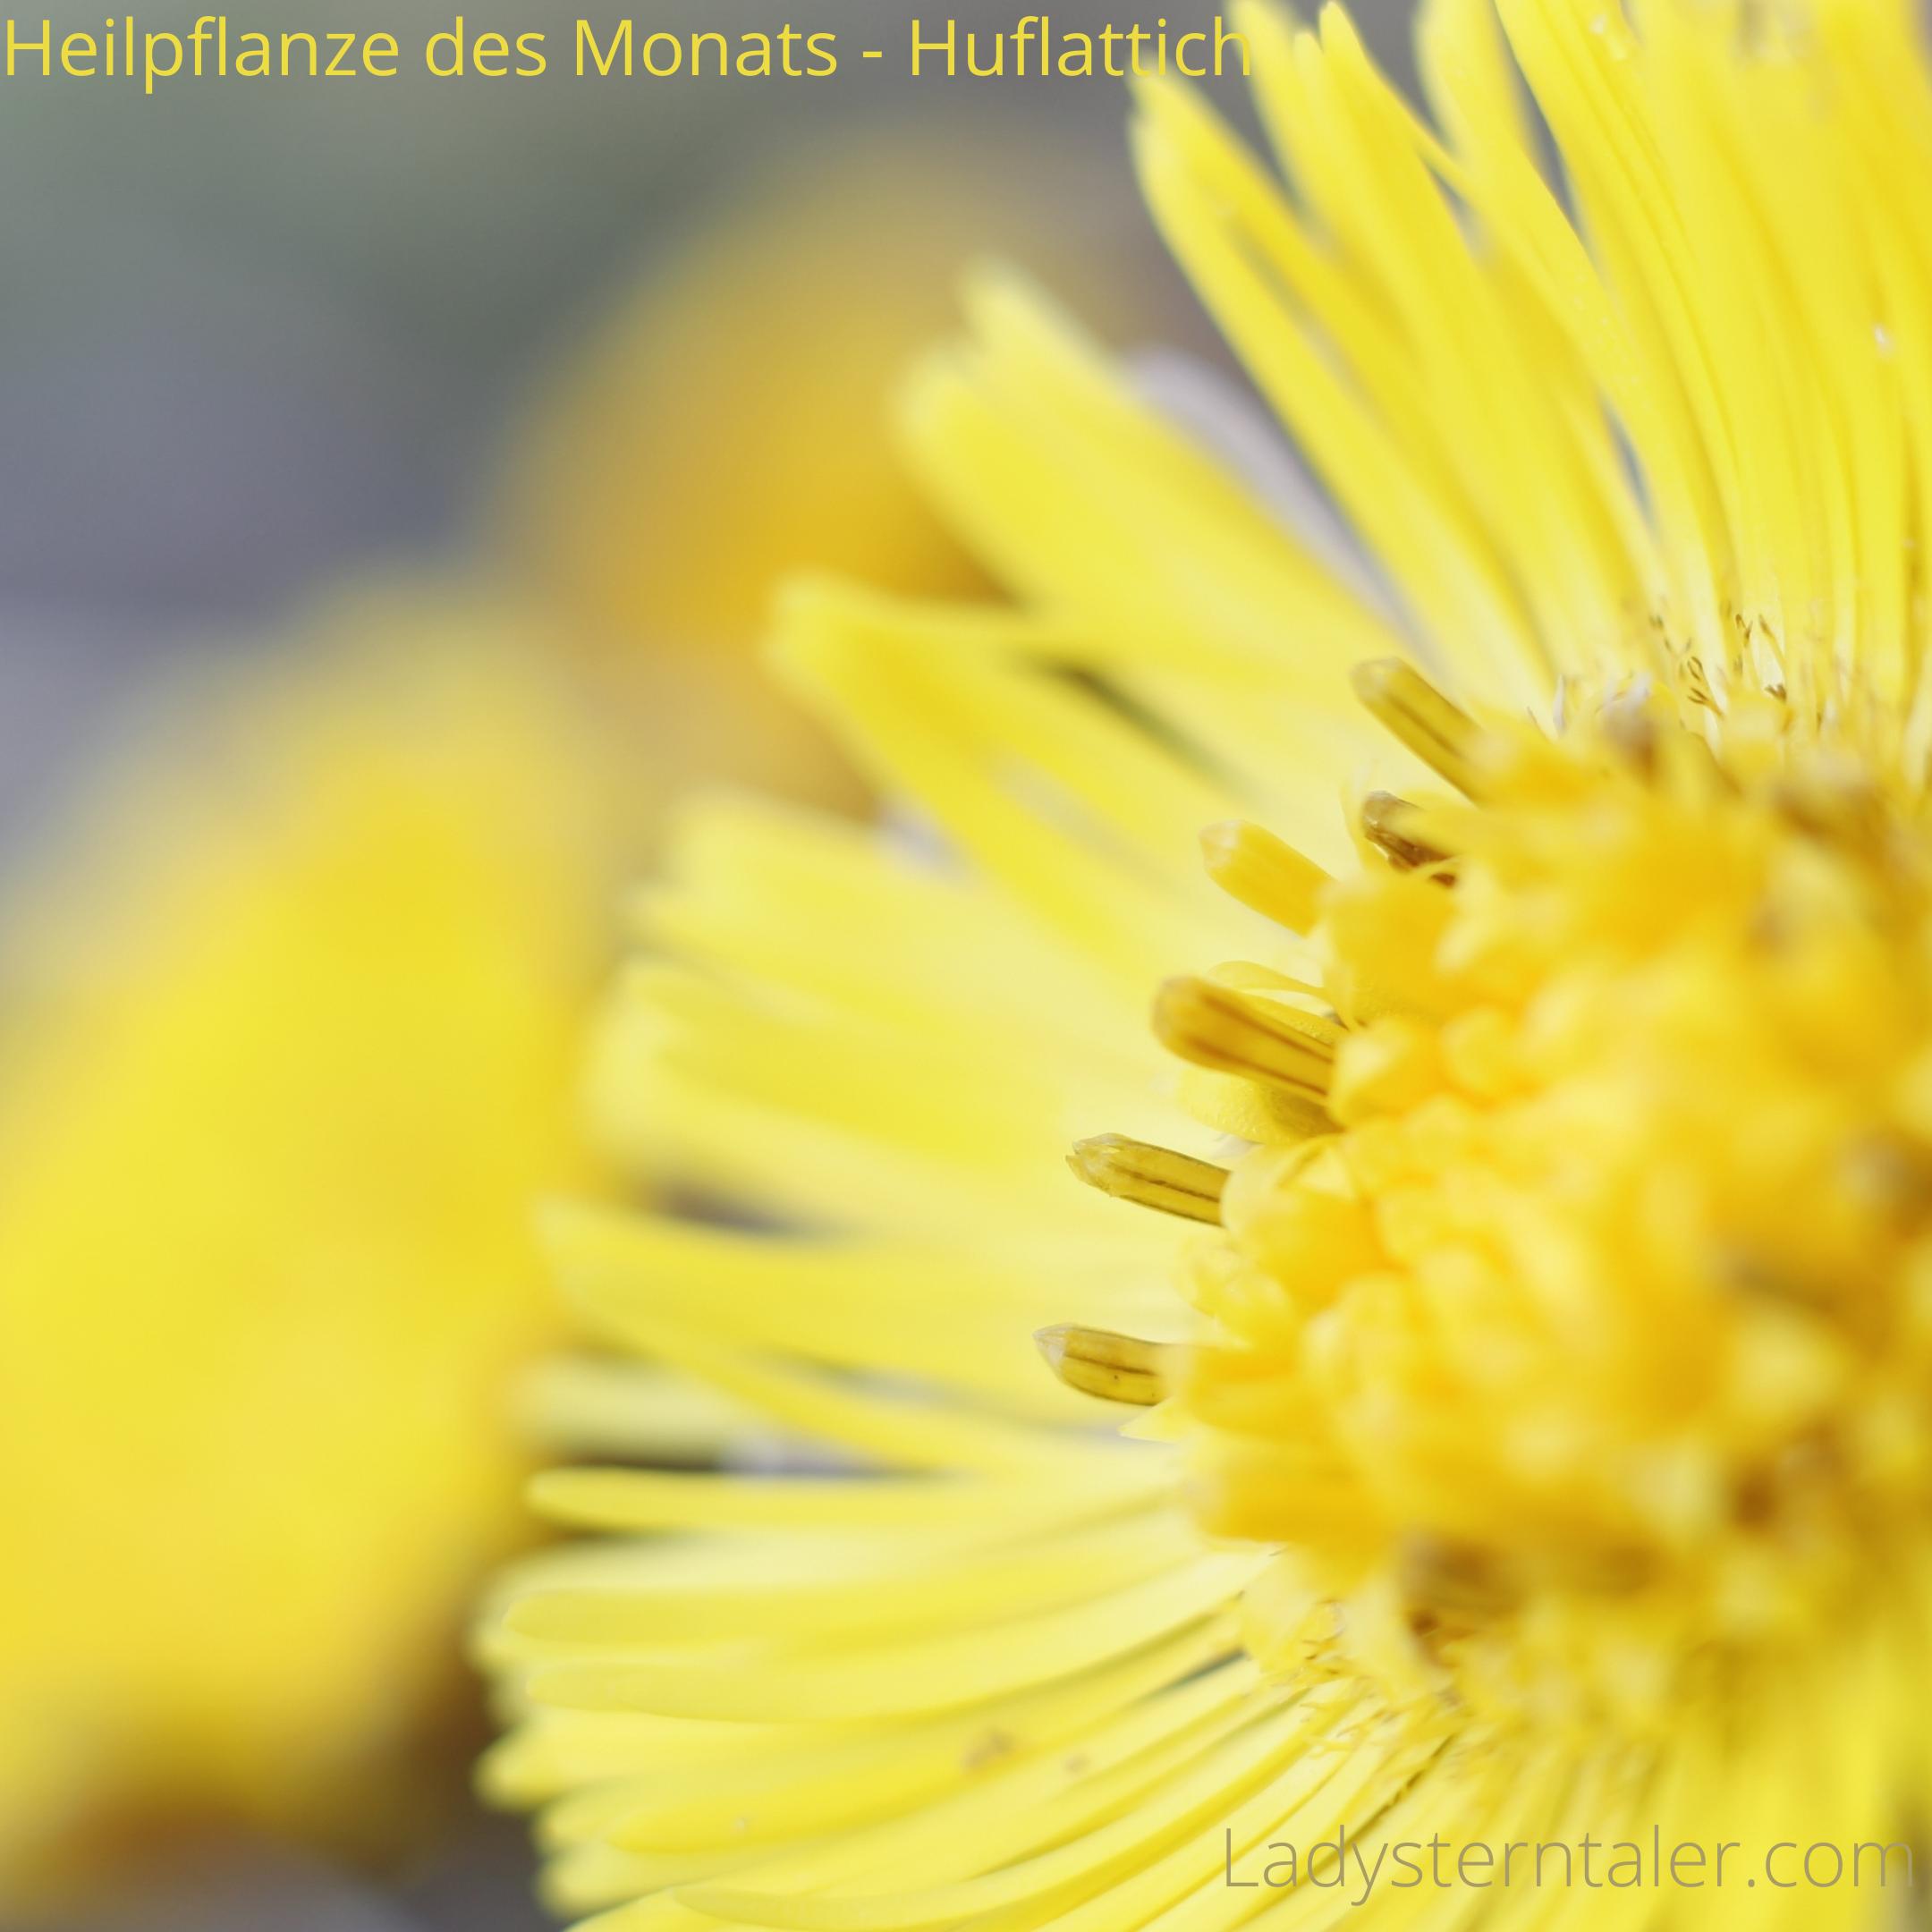 Heilpflanze des Monats - Huflattich